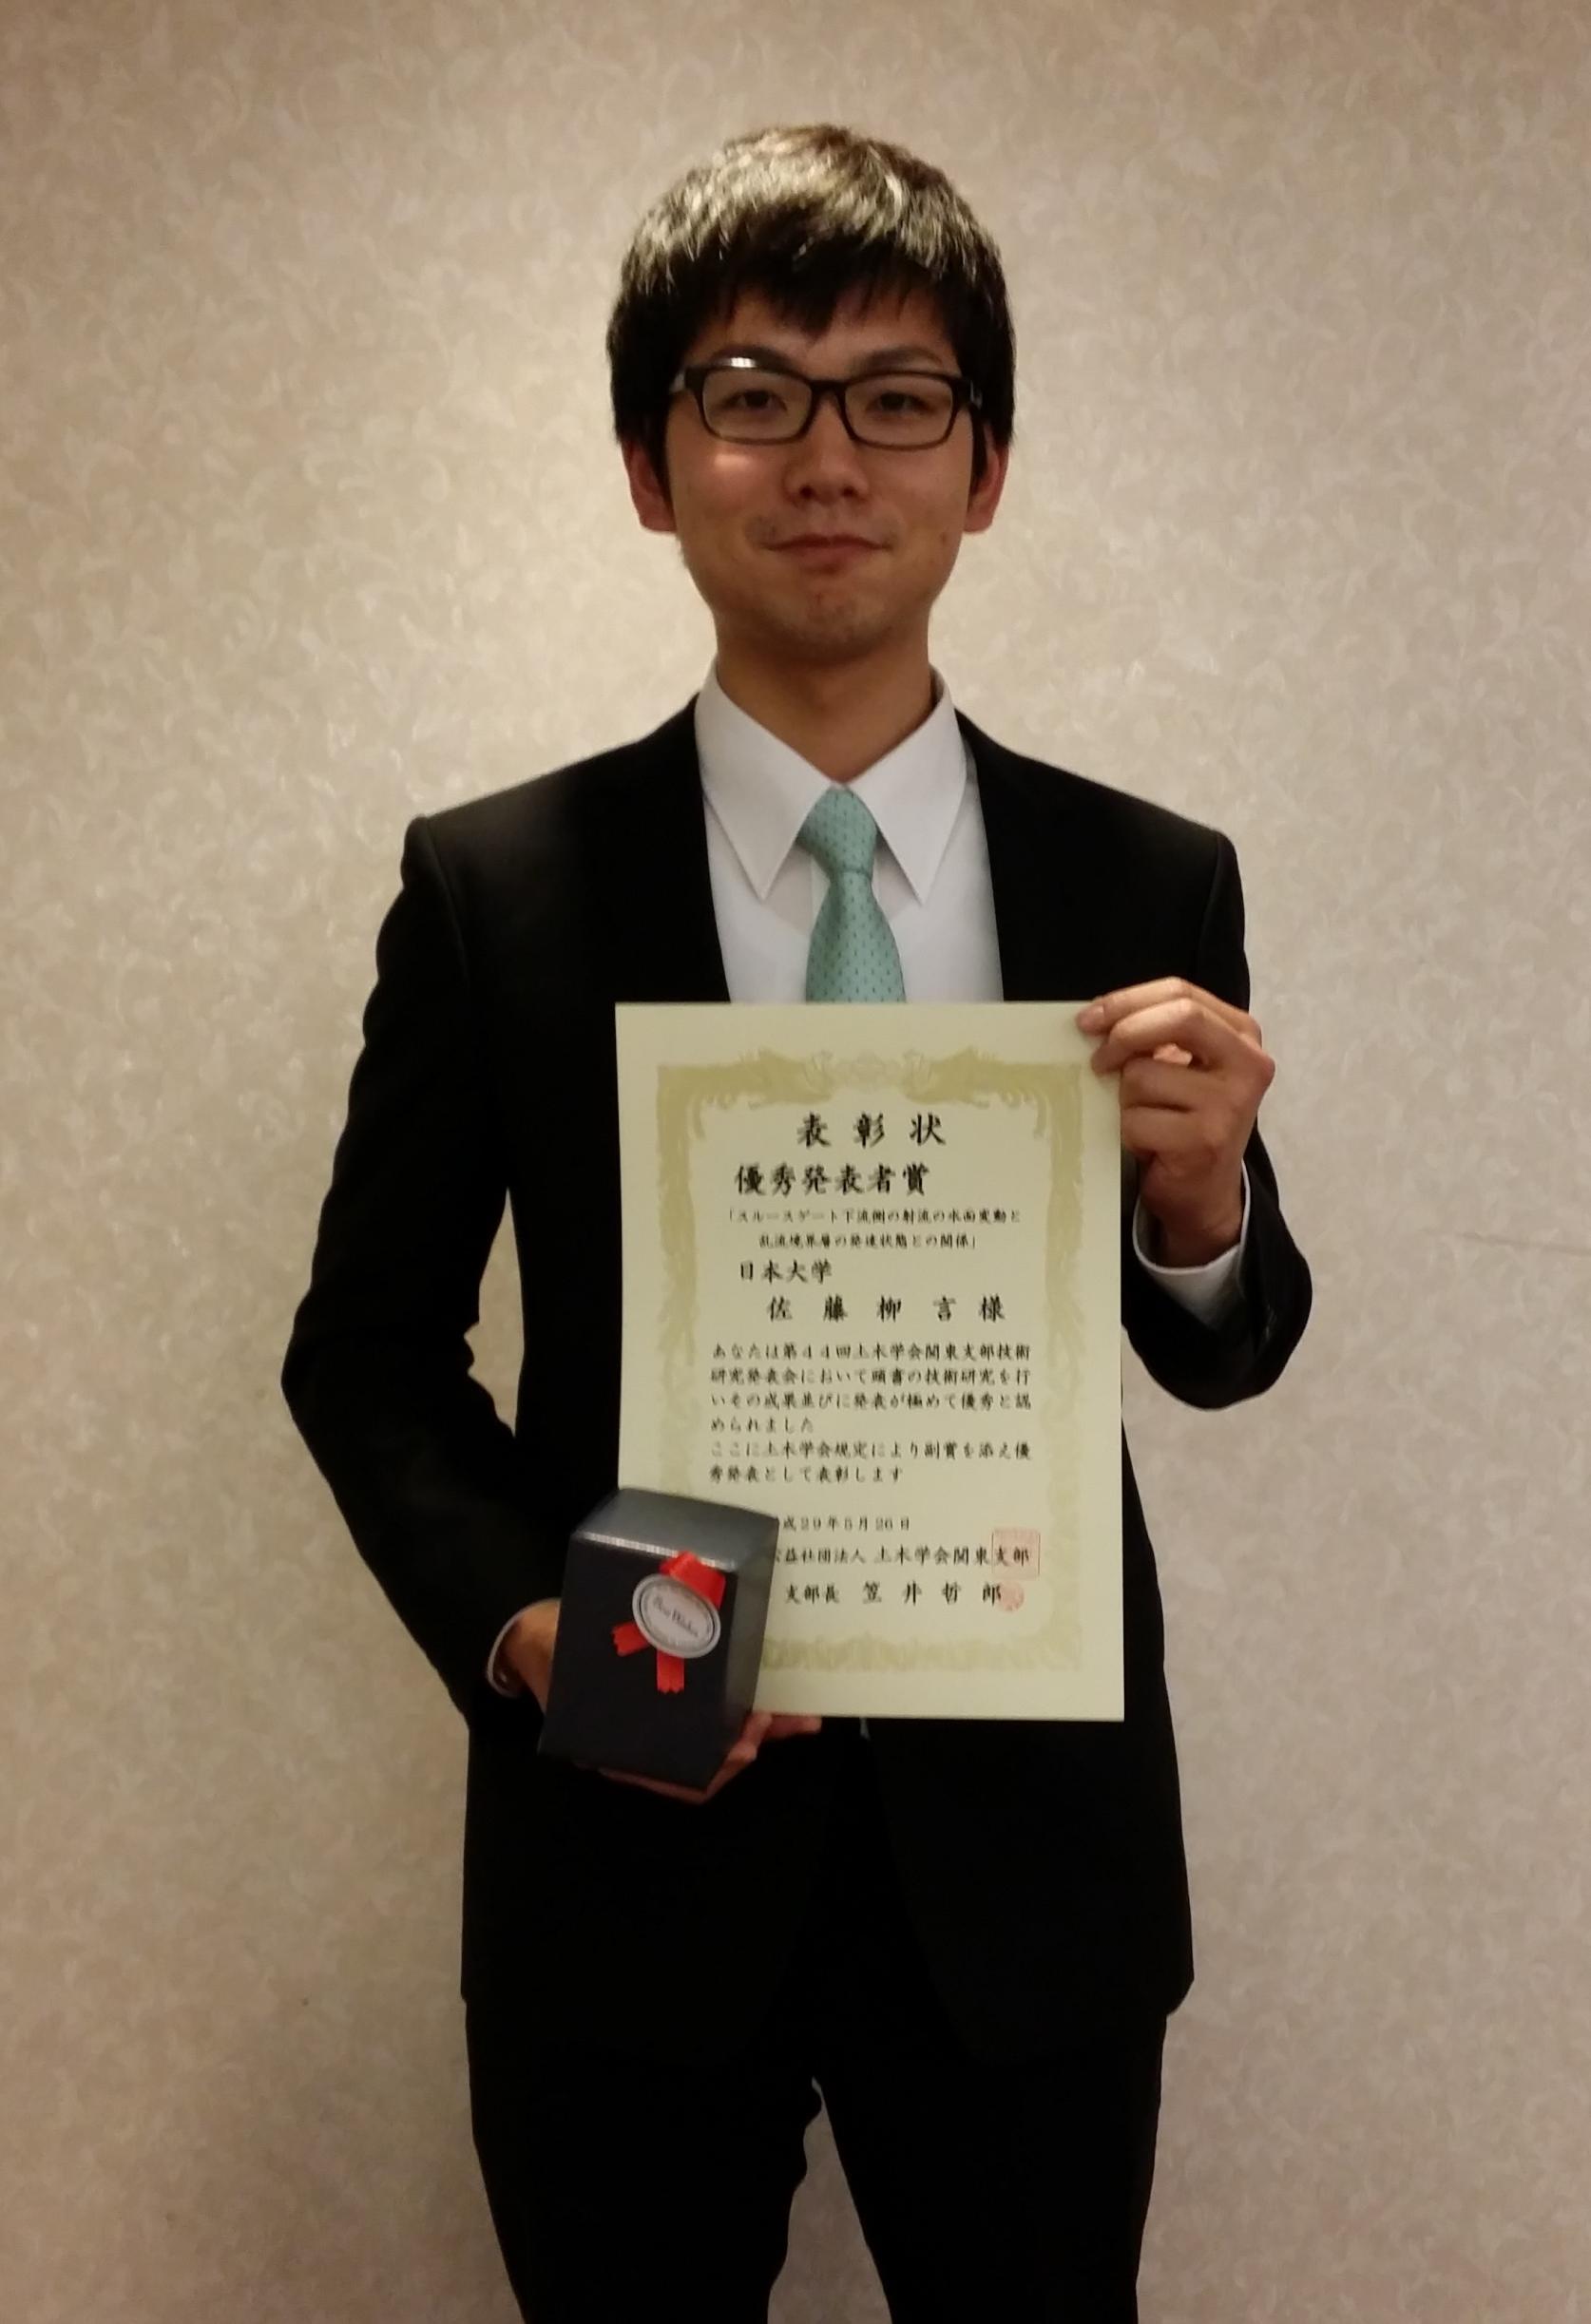 土木工学専攻の佐藤柳言さんが「第44回土木学会関東支部技術研究発表会」における優秀発表者賞を受賞しました。